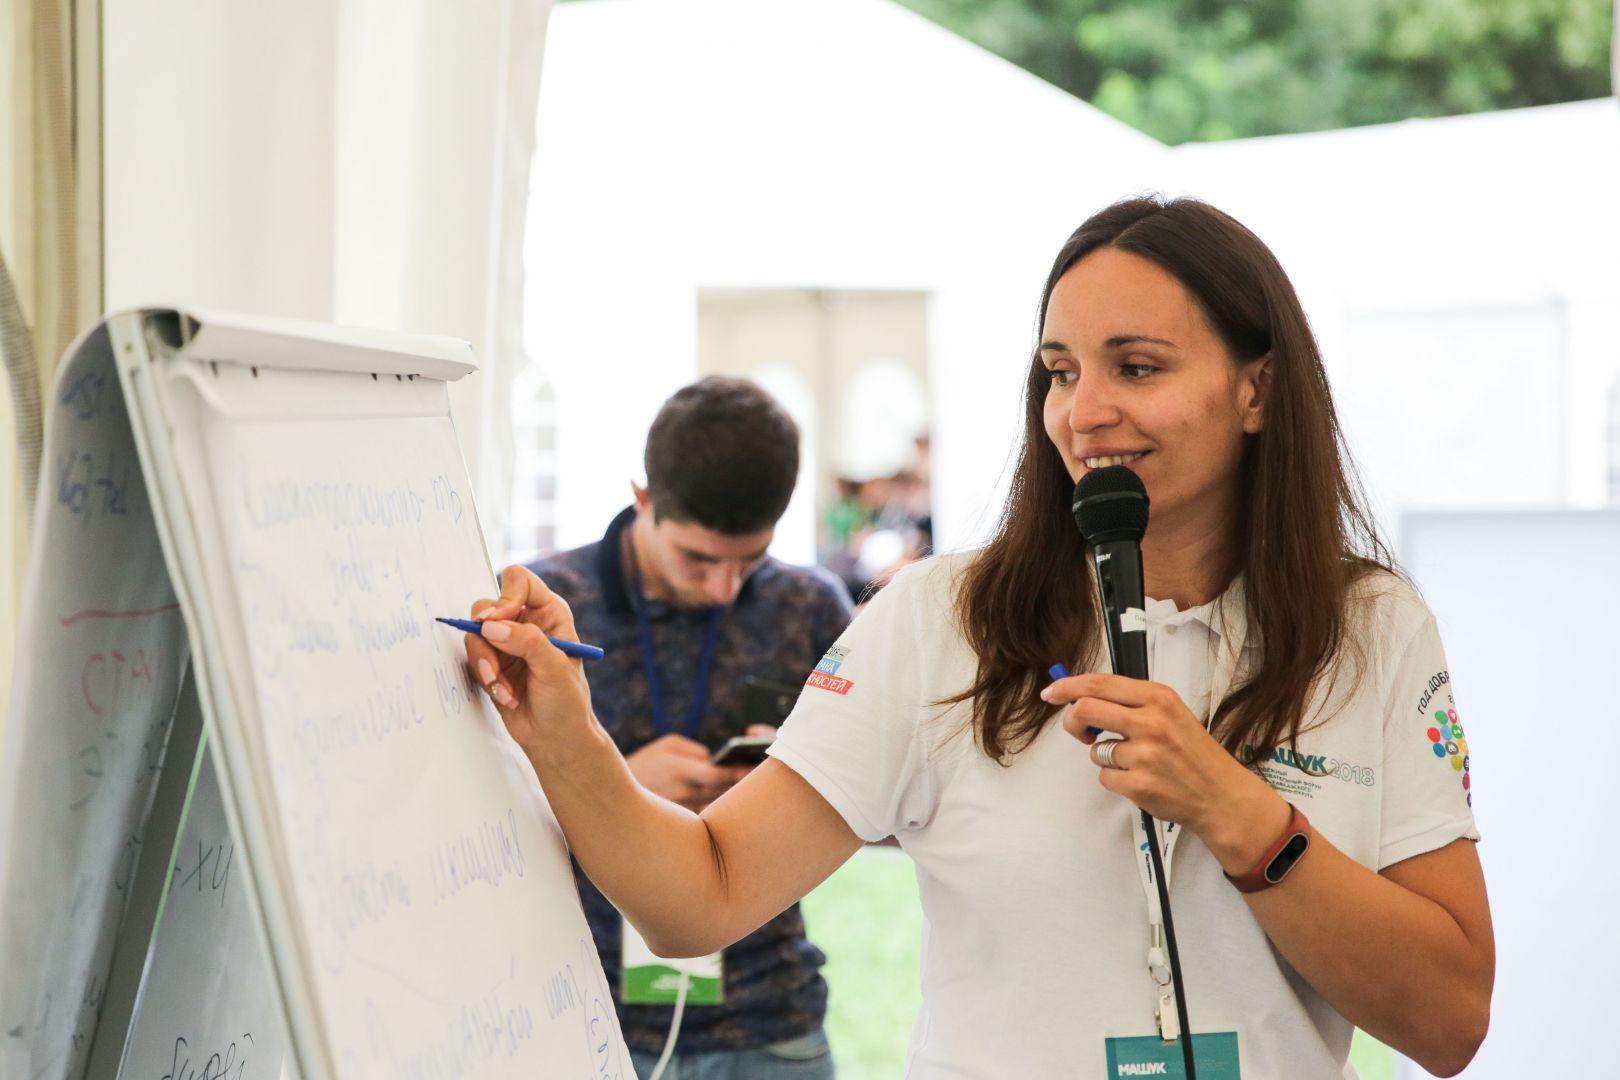 На Ставрополье завершена двухнедельная образовательная программа форума «Машук-2018»